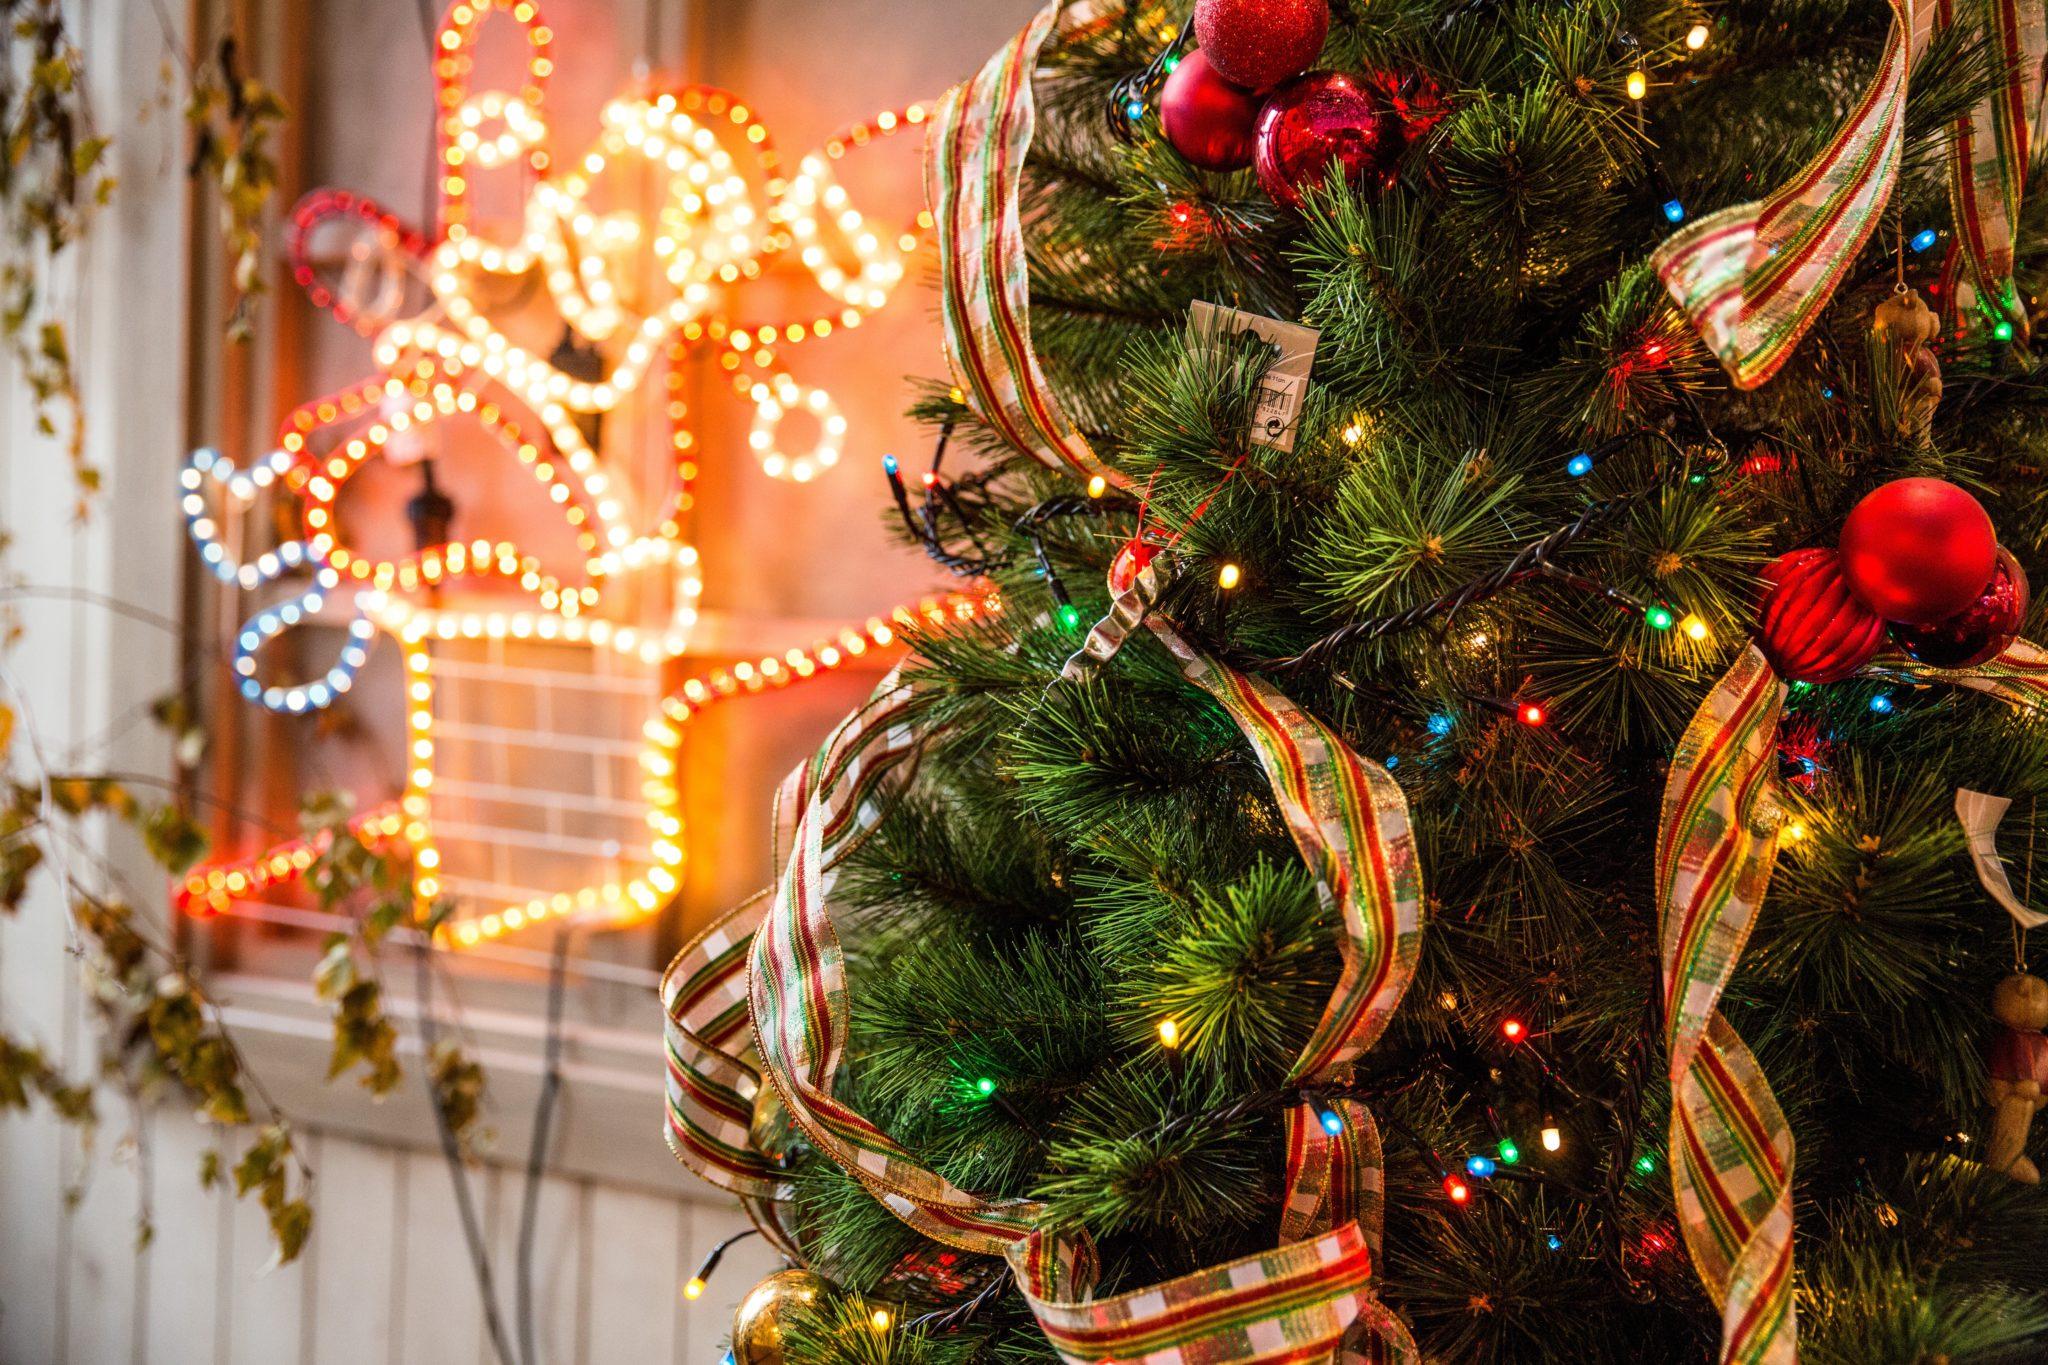 【国際恋愛】海外のクリスマス事情☆外国人彼氏とクリスマスの過ごし方って?   ~ Que Sera Sera ~